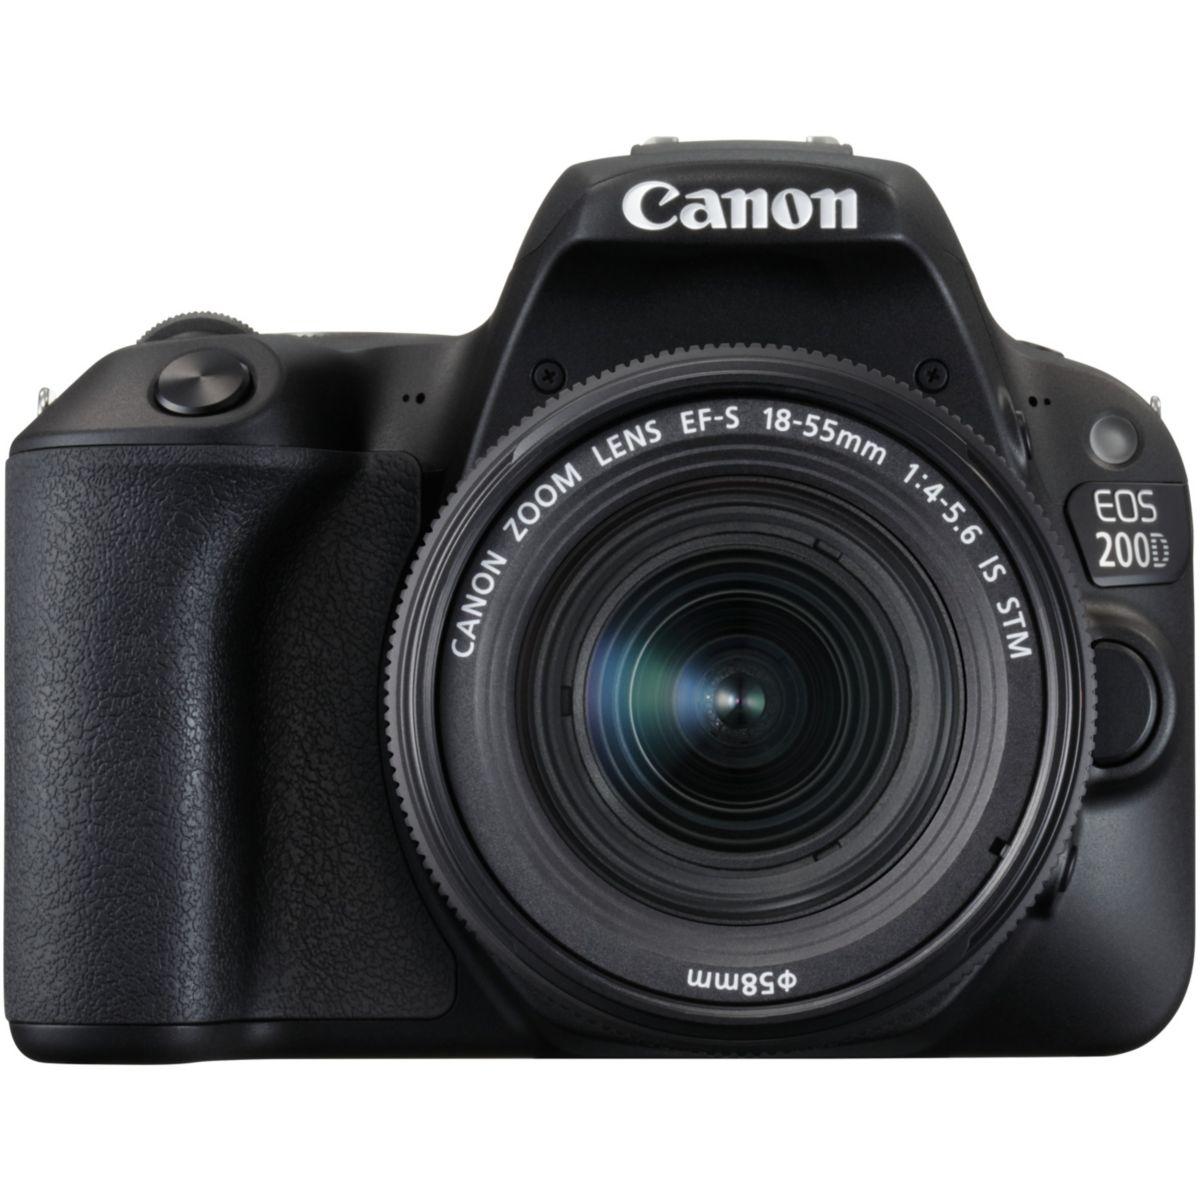 Appareil photo Reflex CANON EOS 200D + 18-55mm + 50mm f/1.8